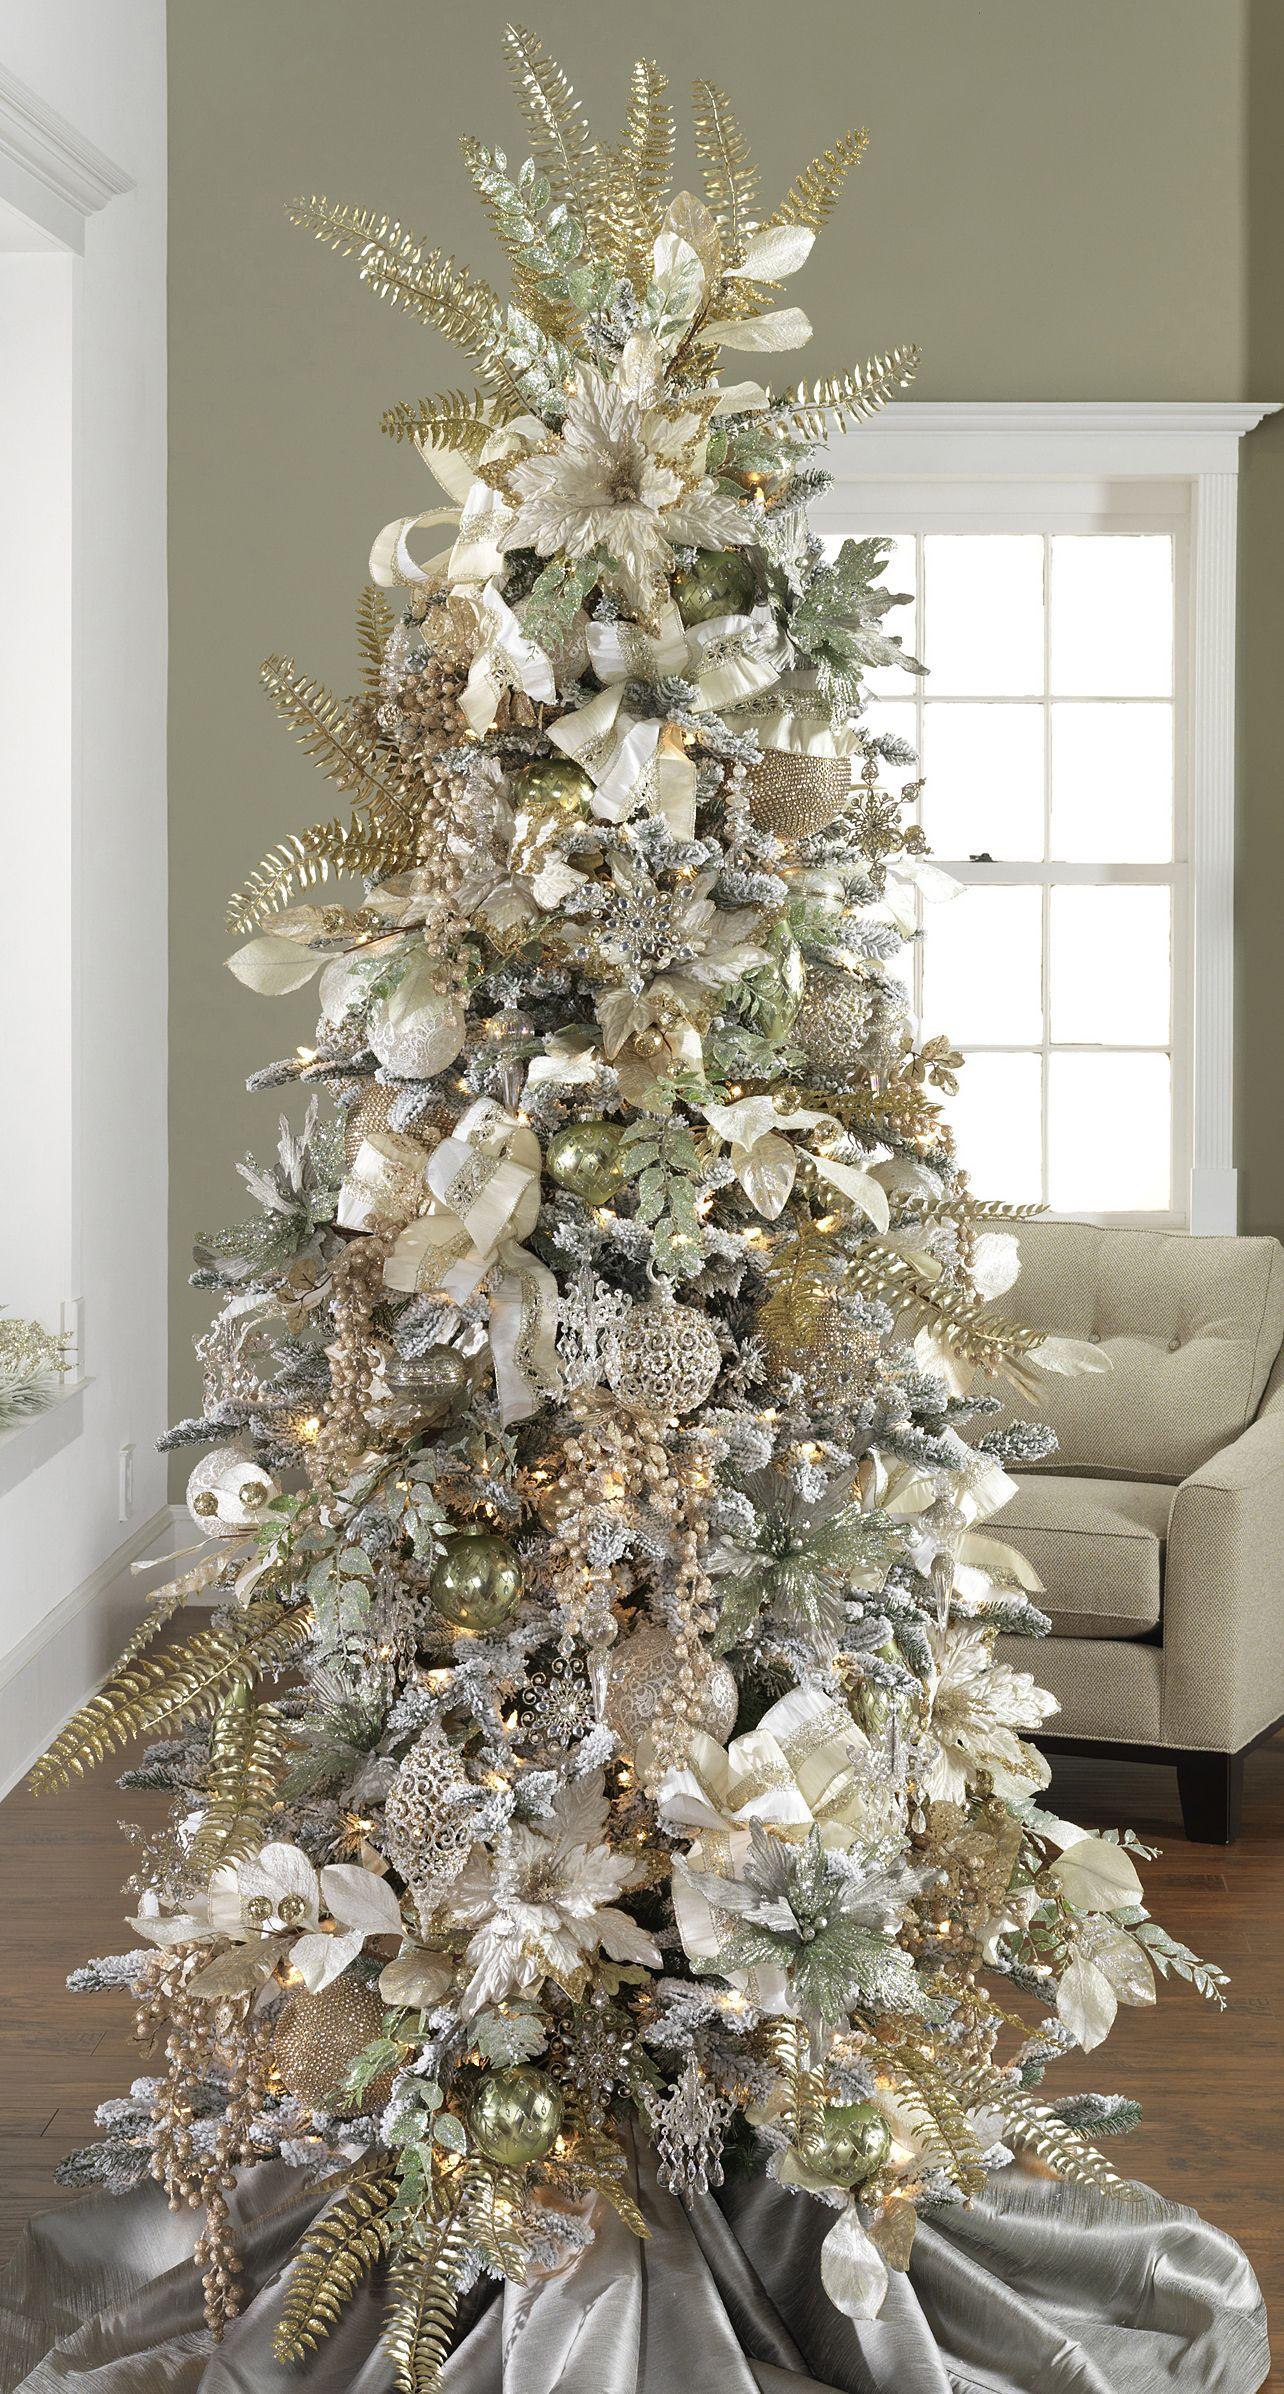 RAZ Imports 2015 Enchanted Holiday Elegant Tree